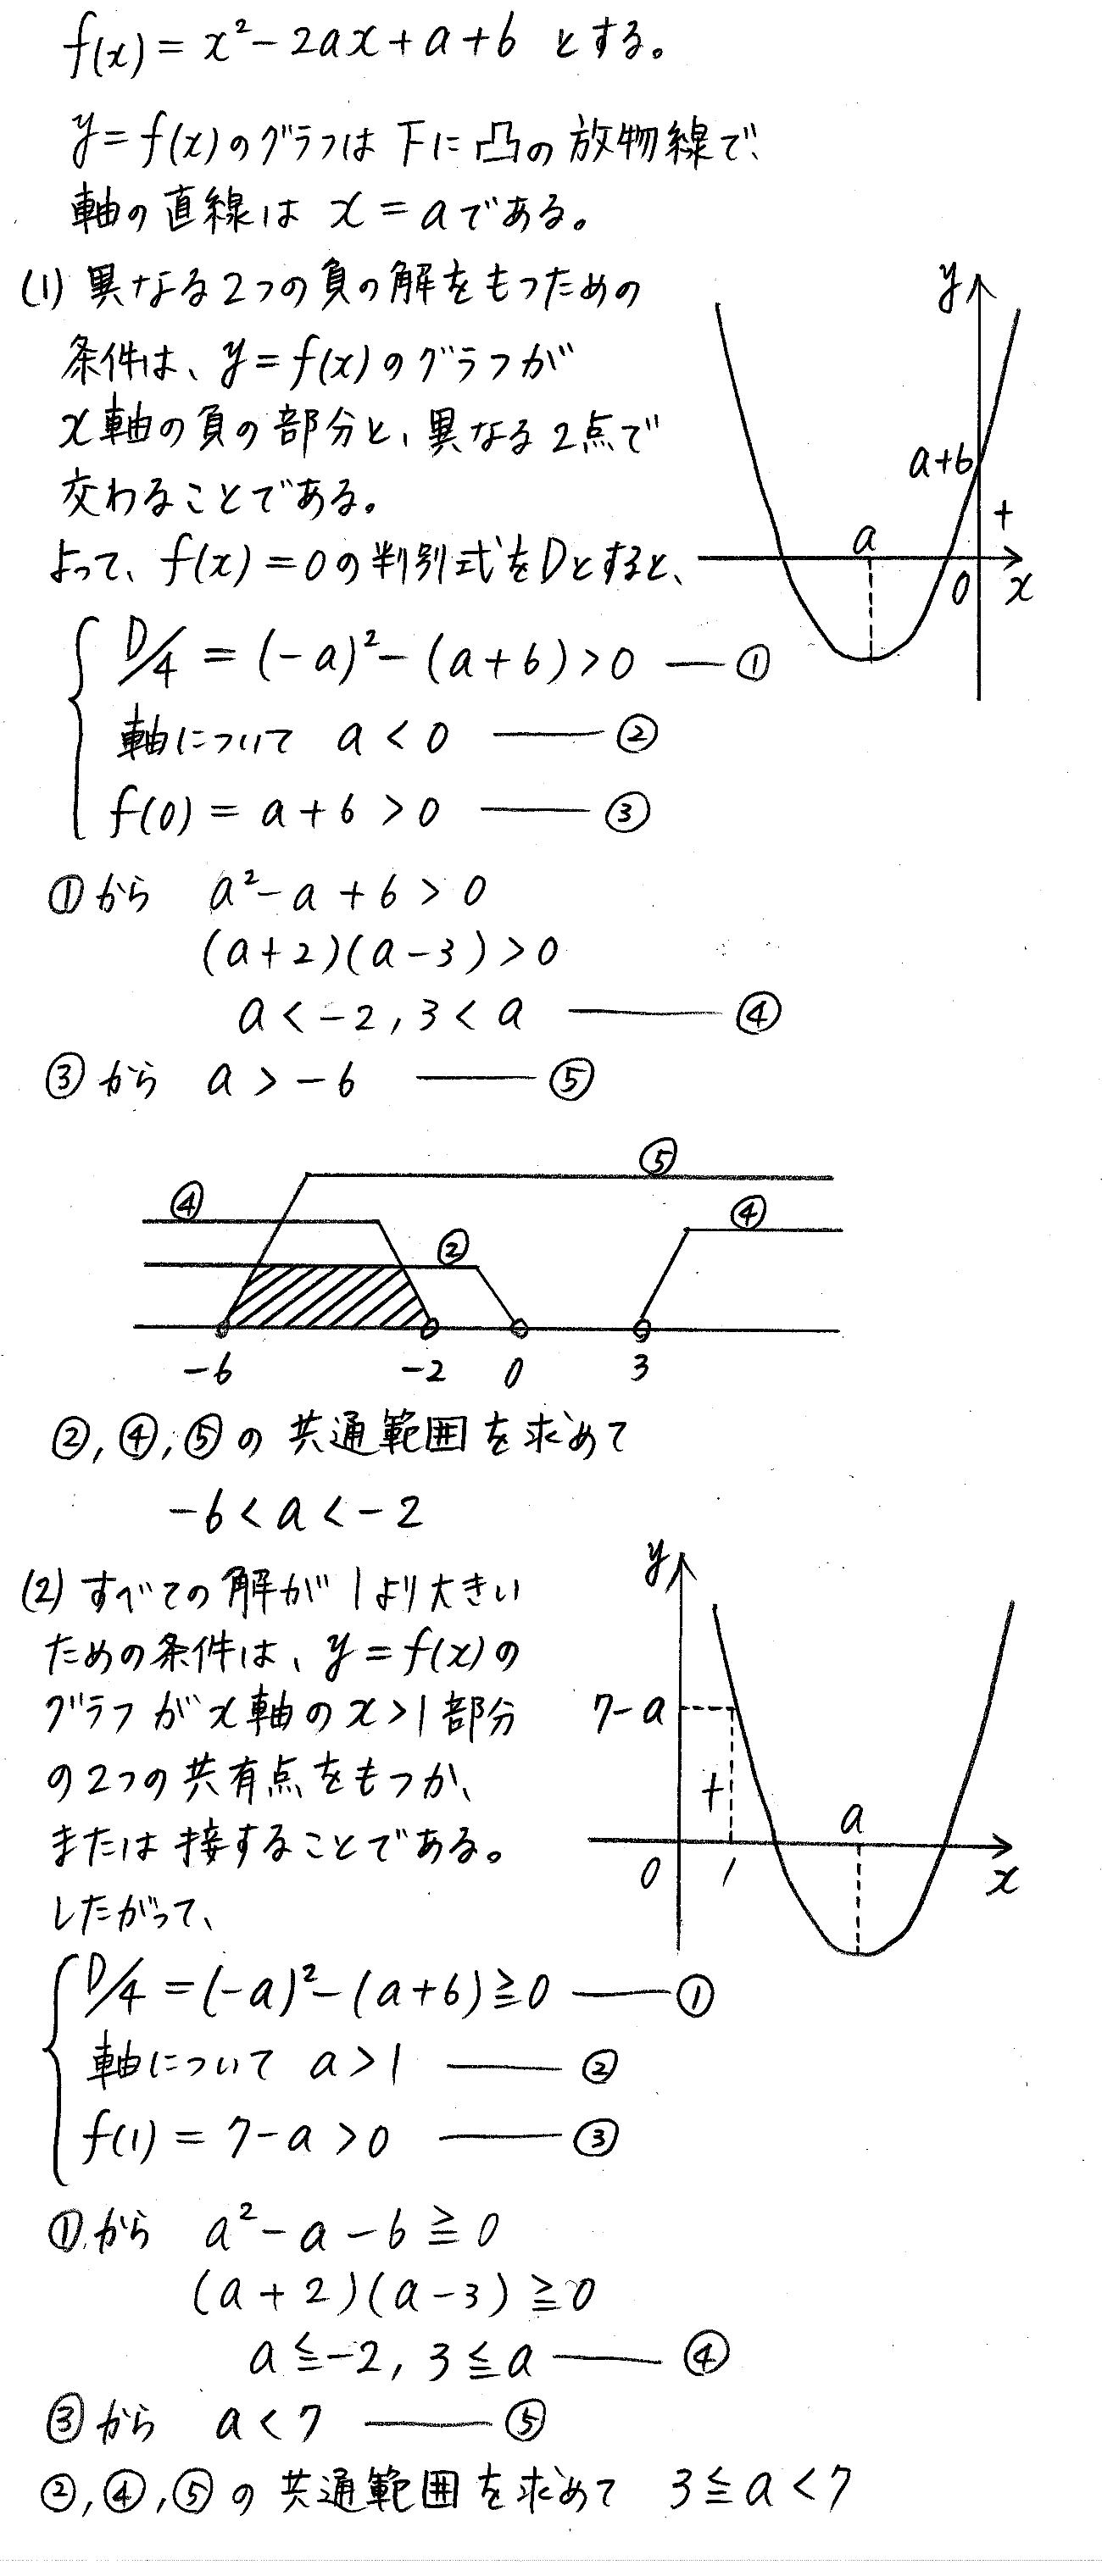 クリアー数学演習12AB受験編-6解答